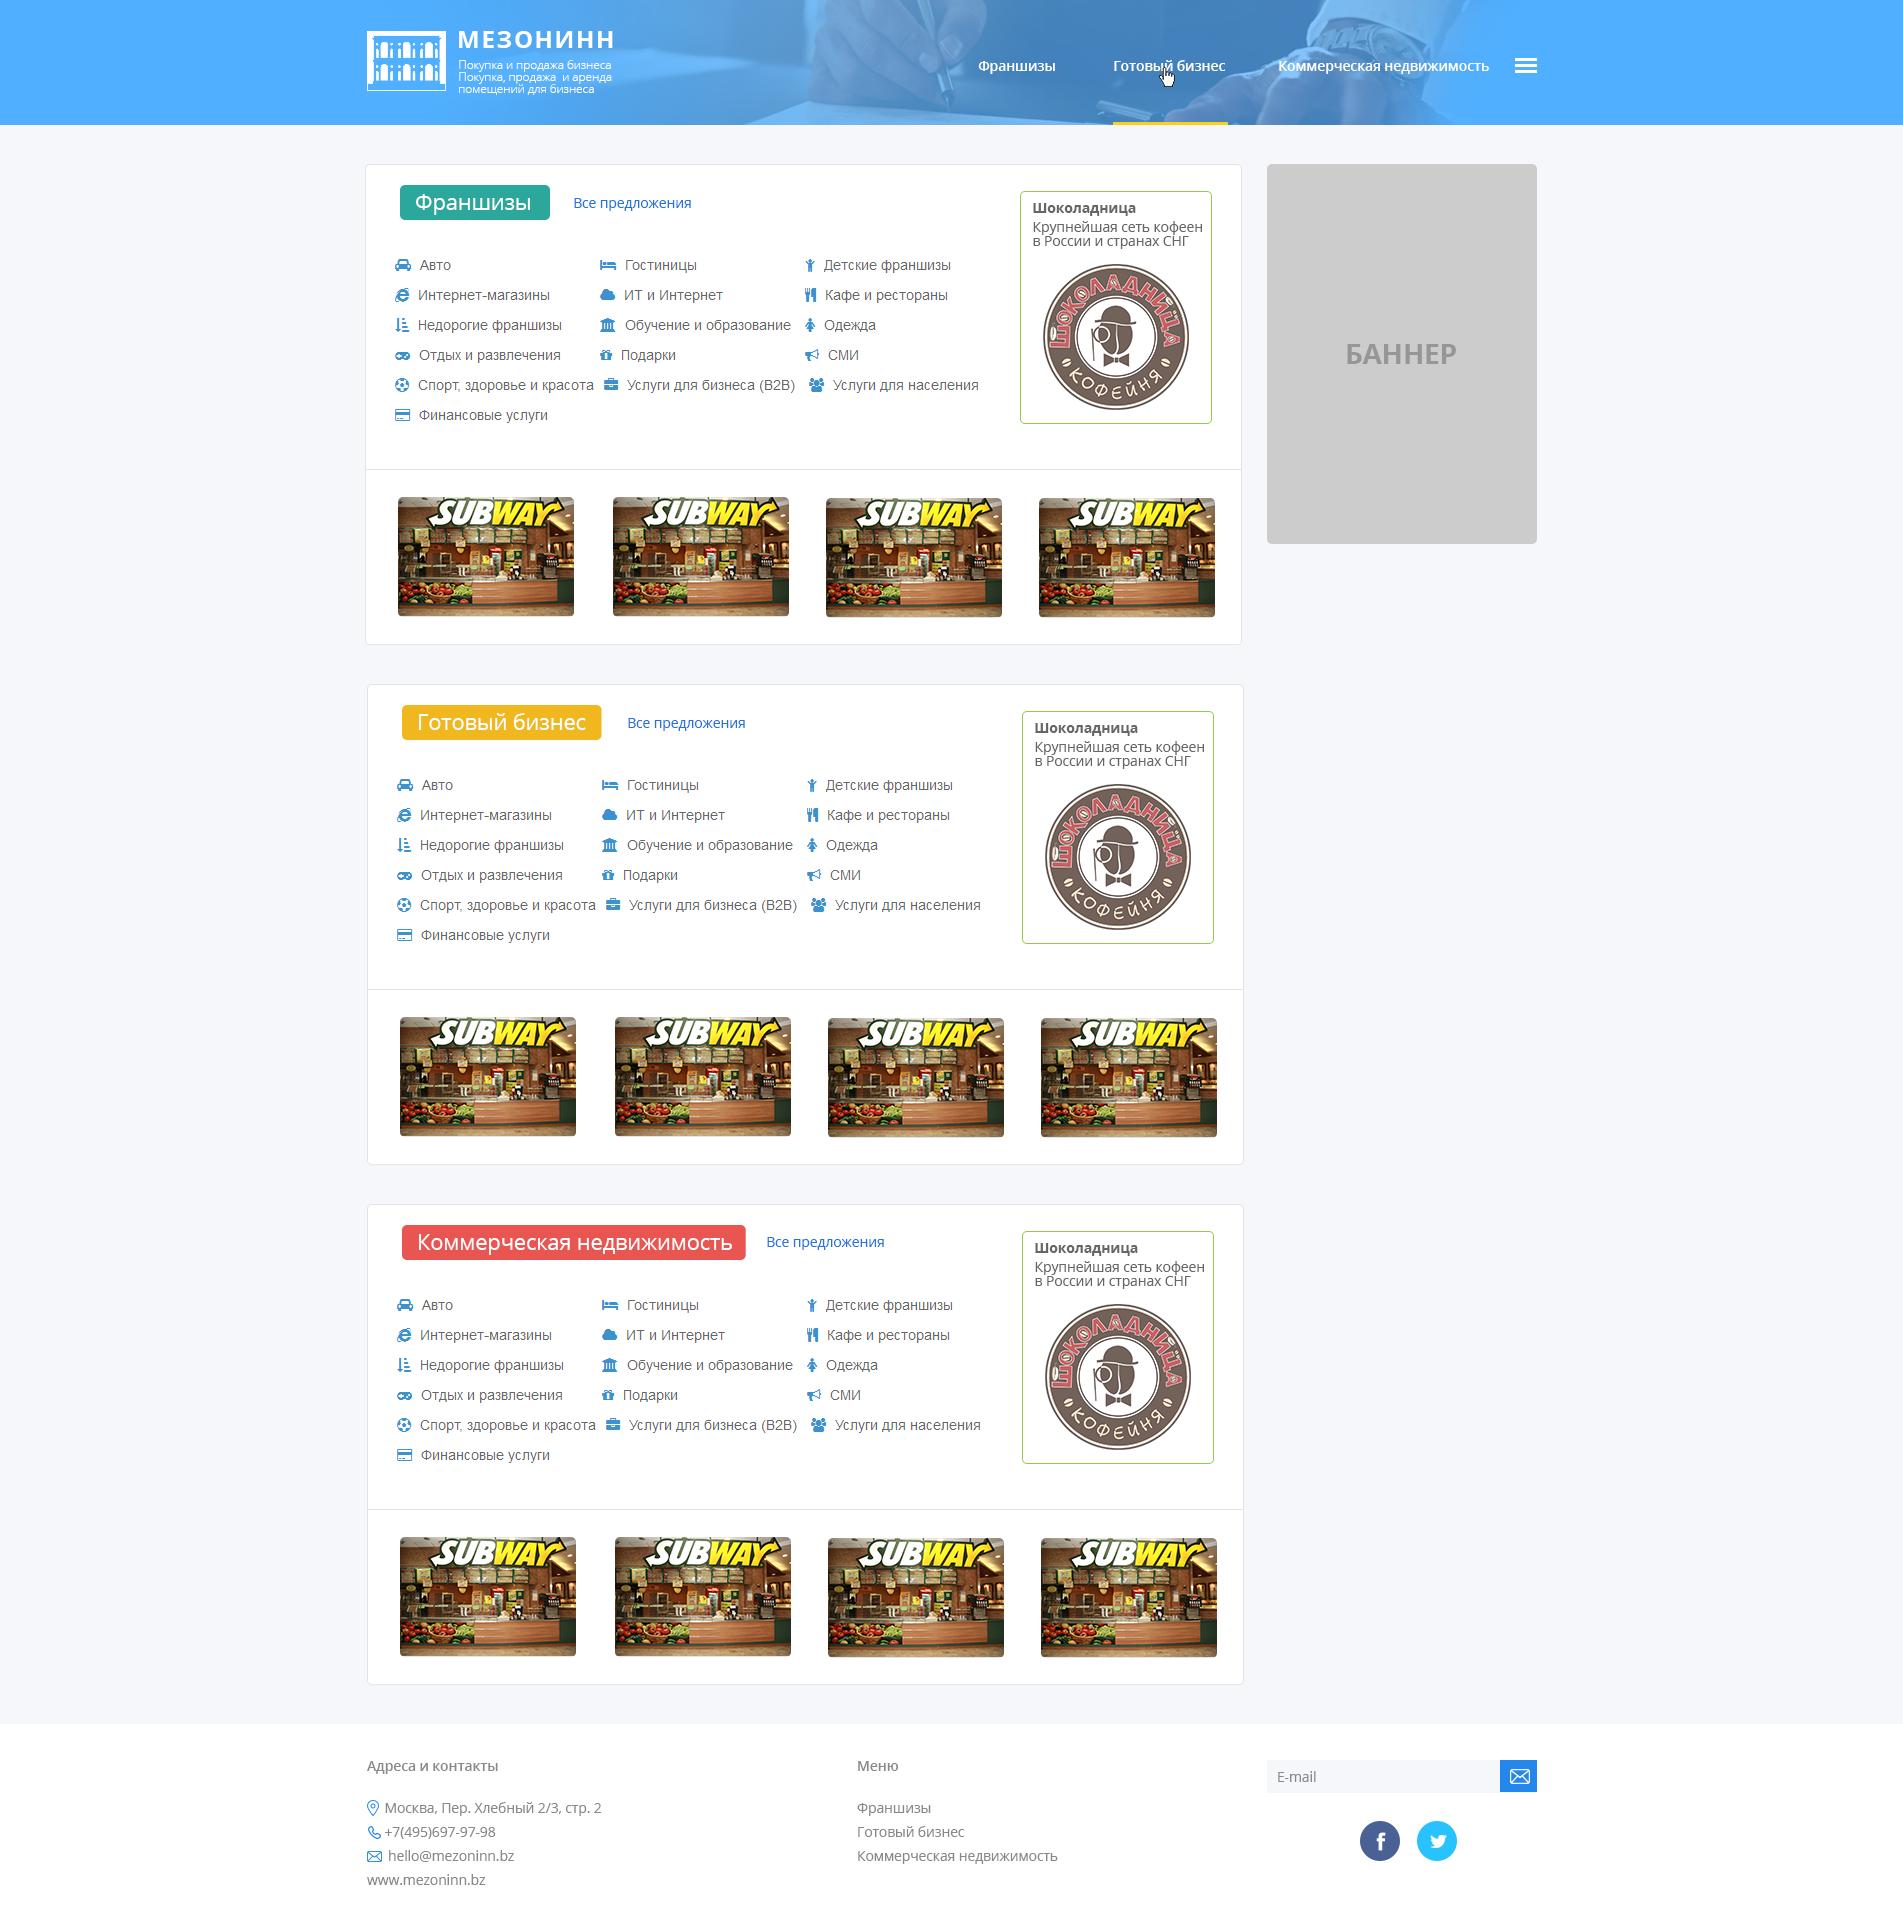 Доработать дизайн главной страницы сайта фото f_785574c09991316c.png